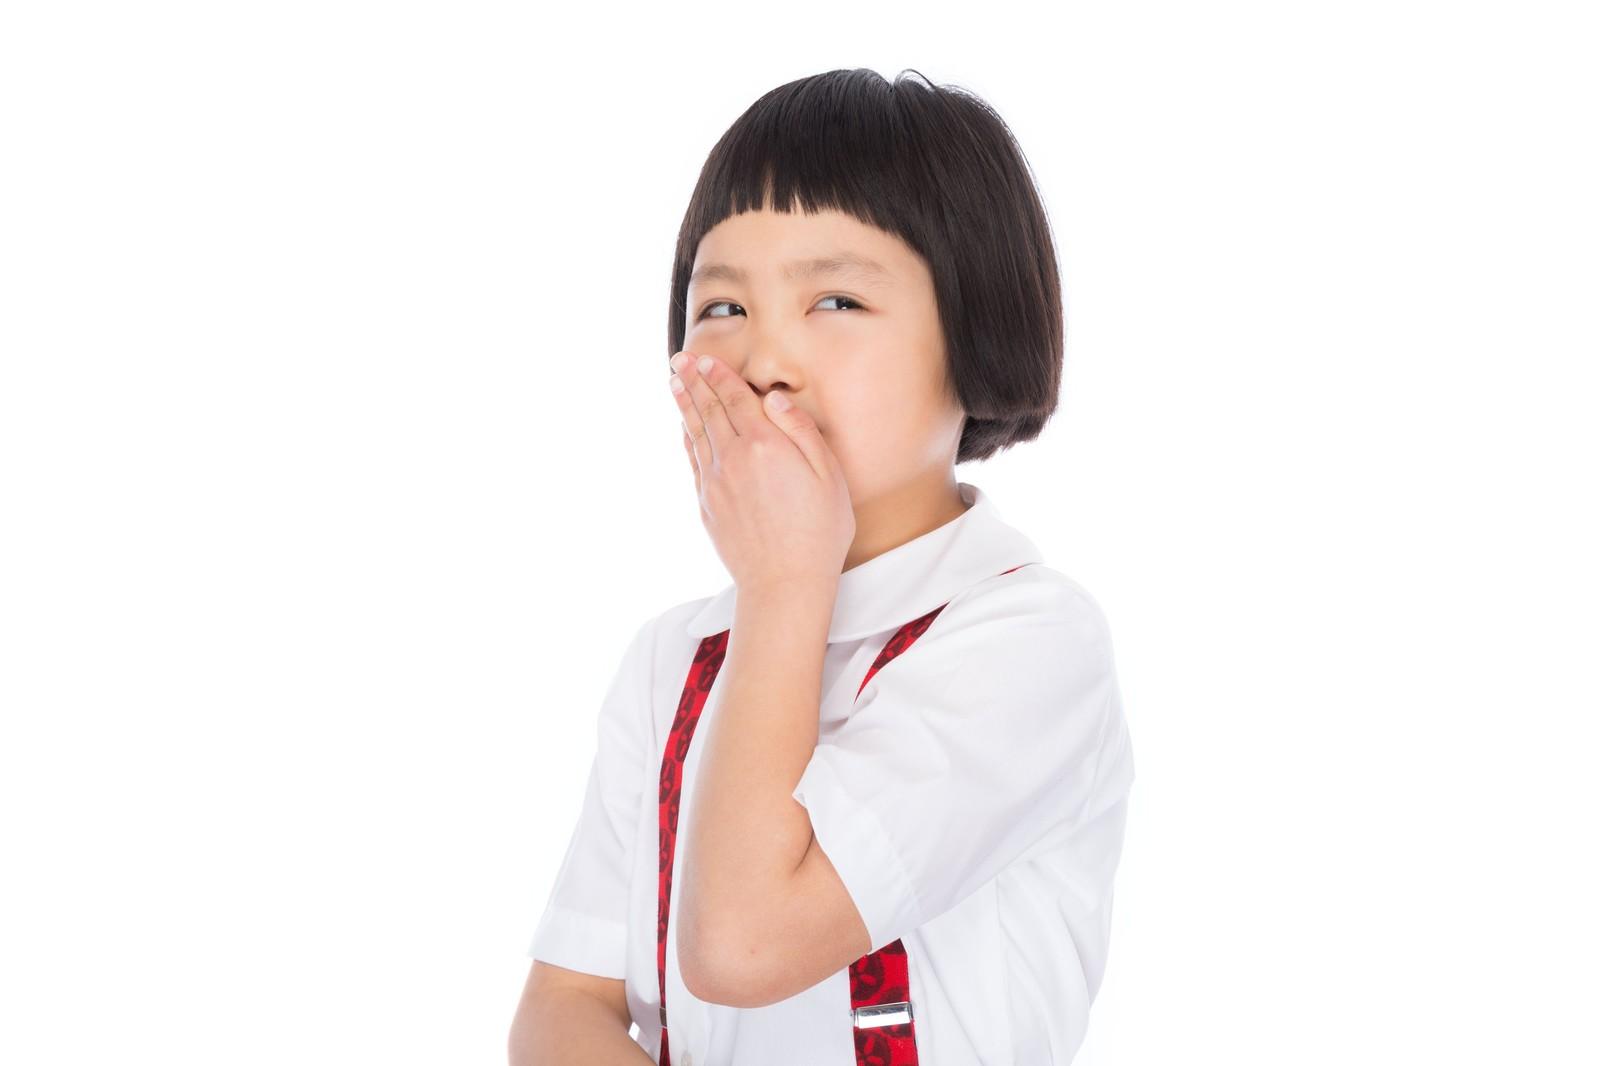 丸顔ショートヘアまとめ【黒髪・パーマ・ストレート・ボブ・髪型